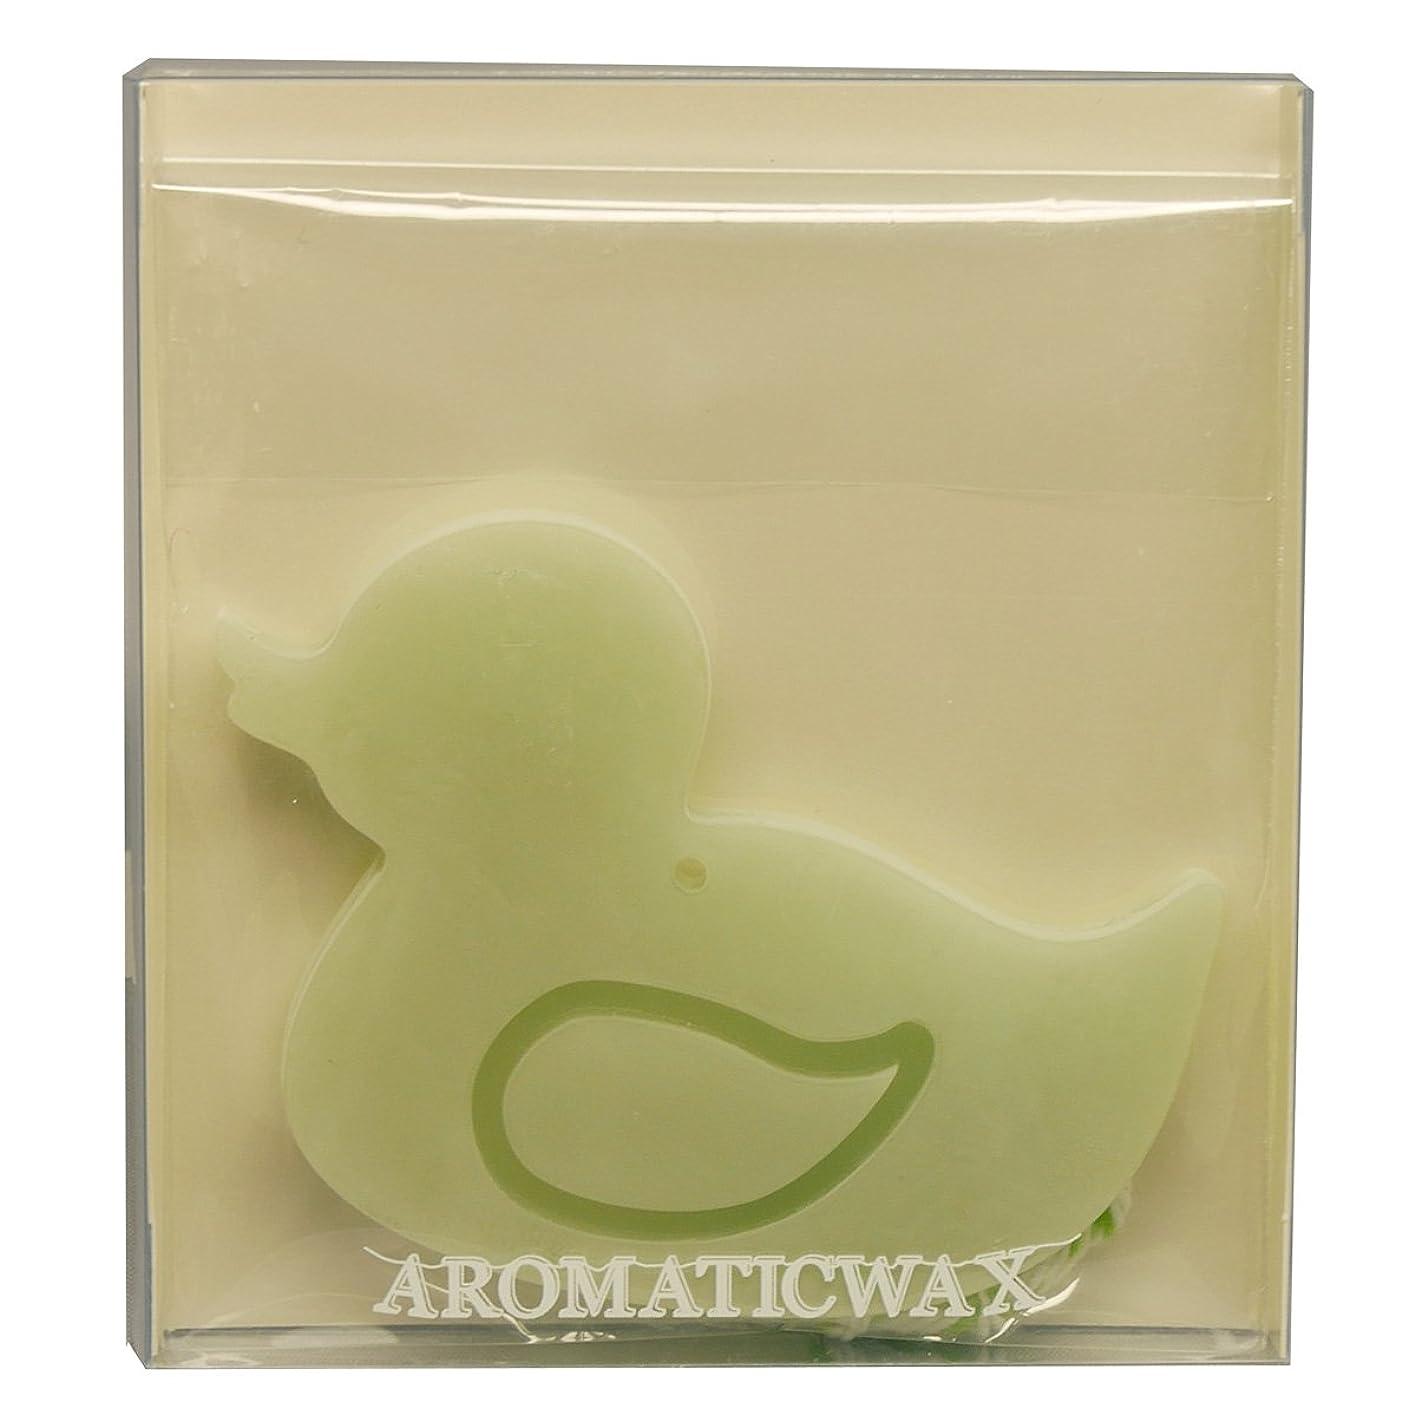 おなかがすいたアパートチャンピオンシップGRASSE TOKYO AROMATICWAXチャーム「あひる」(GR) レモングラス アロマティックワックス グラーストウキョウ